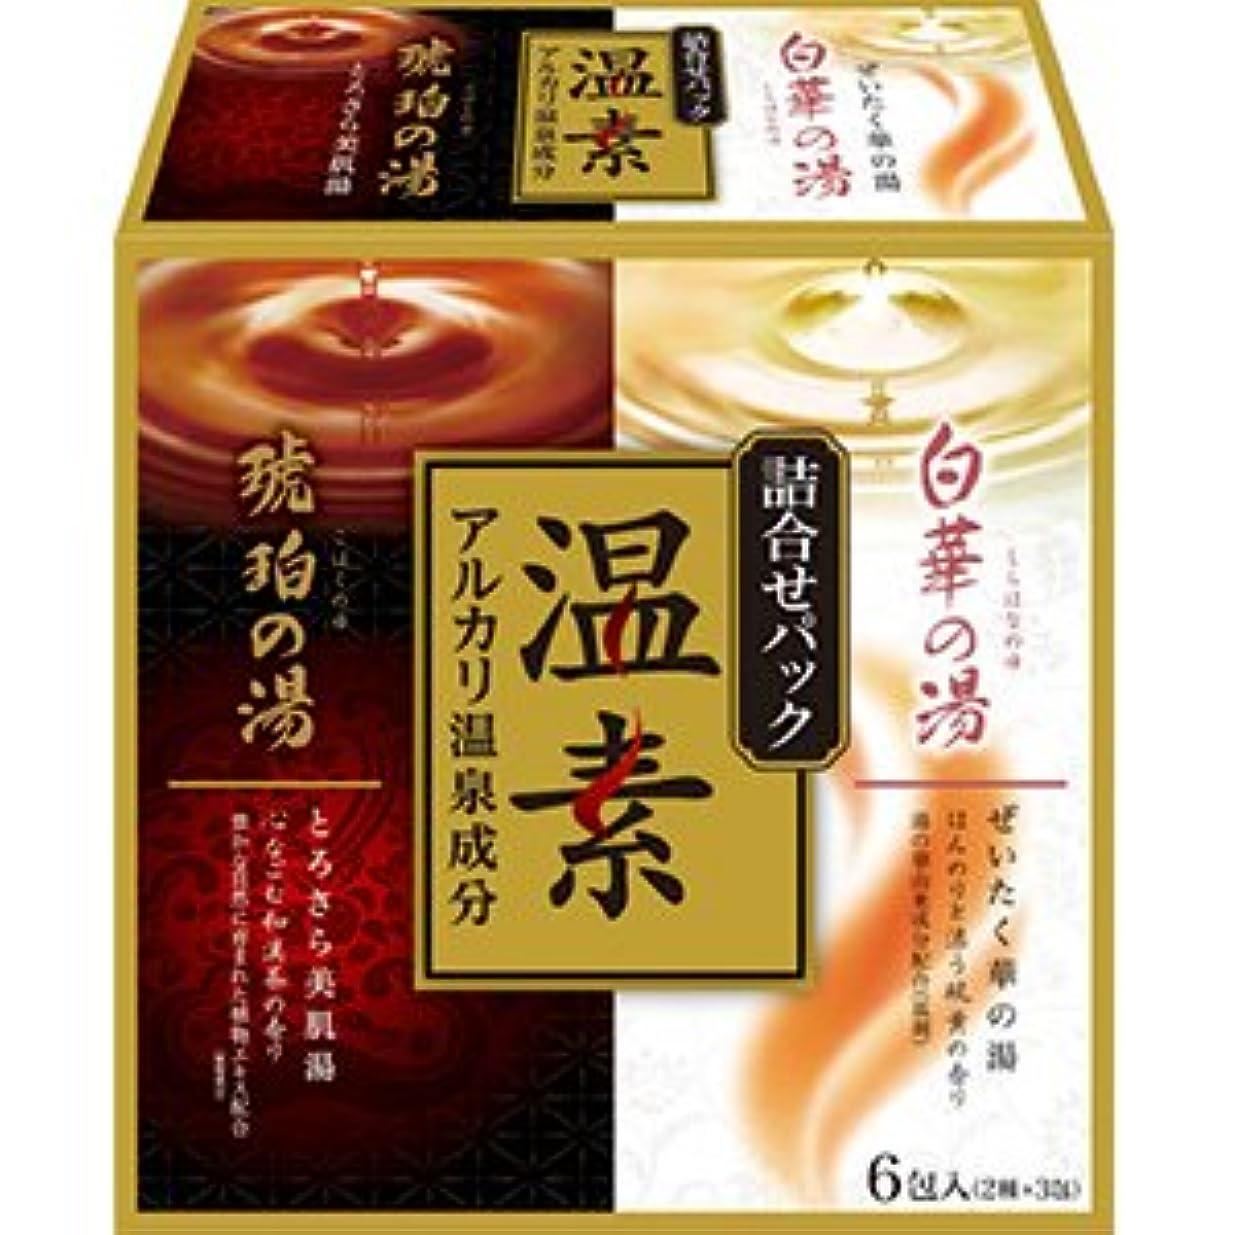 エトナ山宣言する反対温素 琥珀の湯&白華の湯 詰合せパック × 16個セット